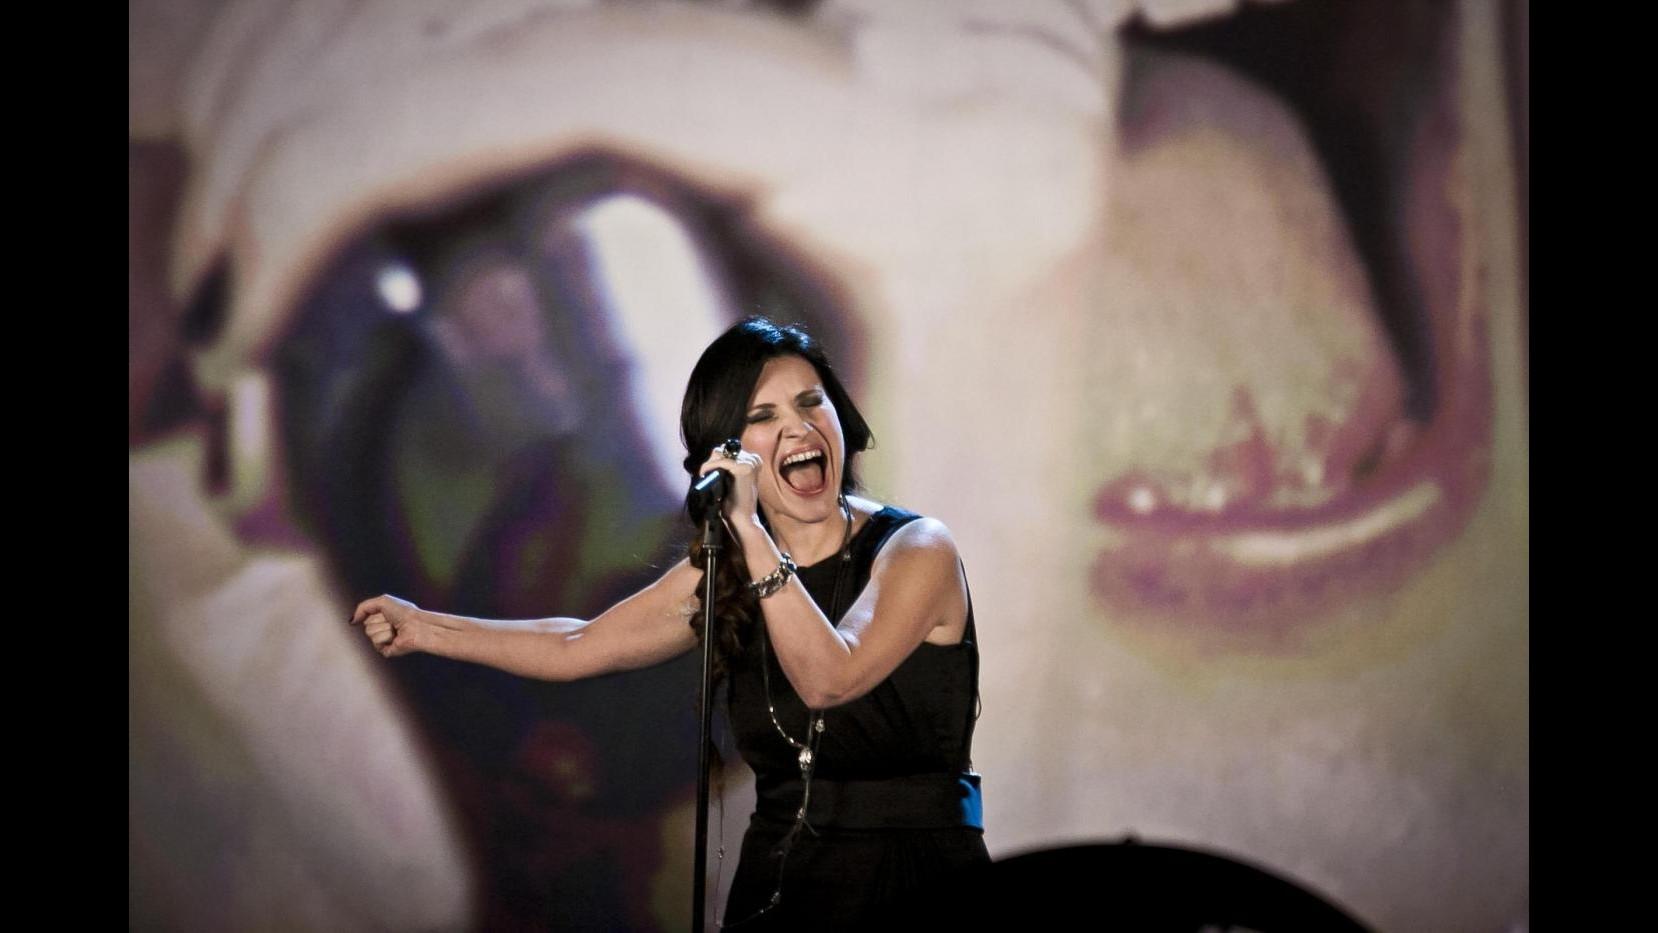 Incidente hot per Laura Pausini senza mutandine sul palco a Lima